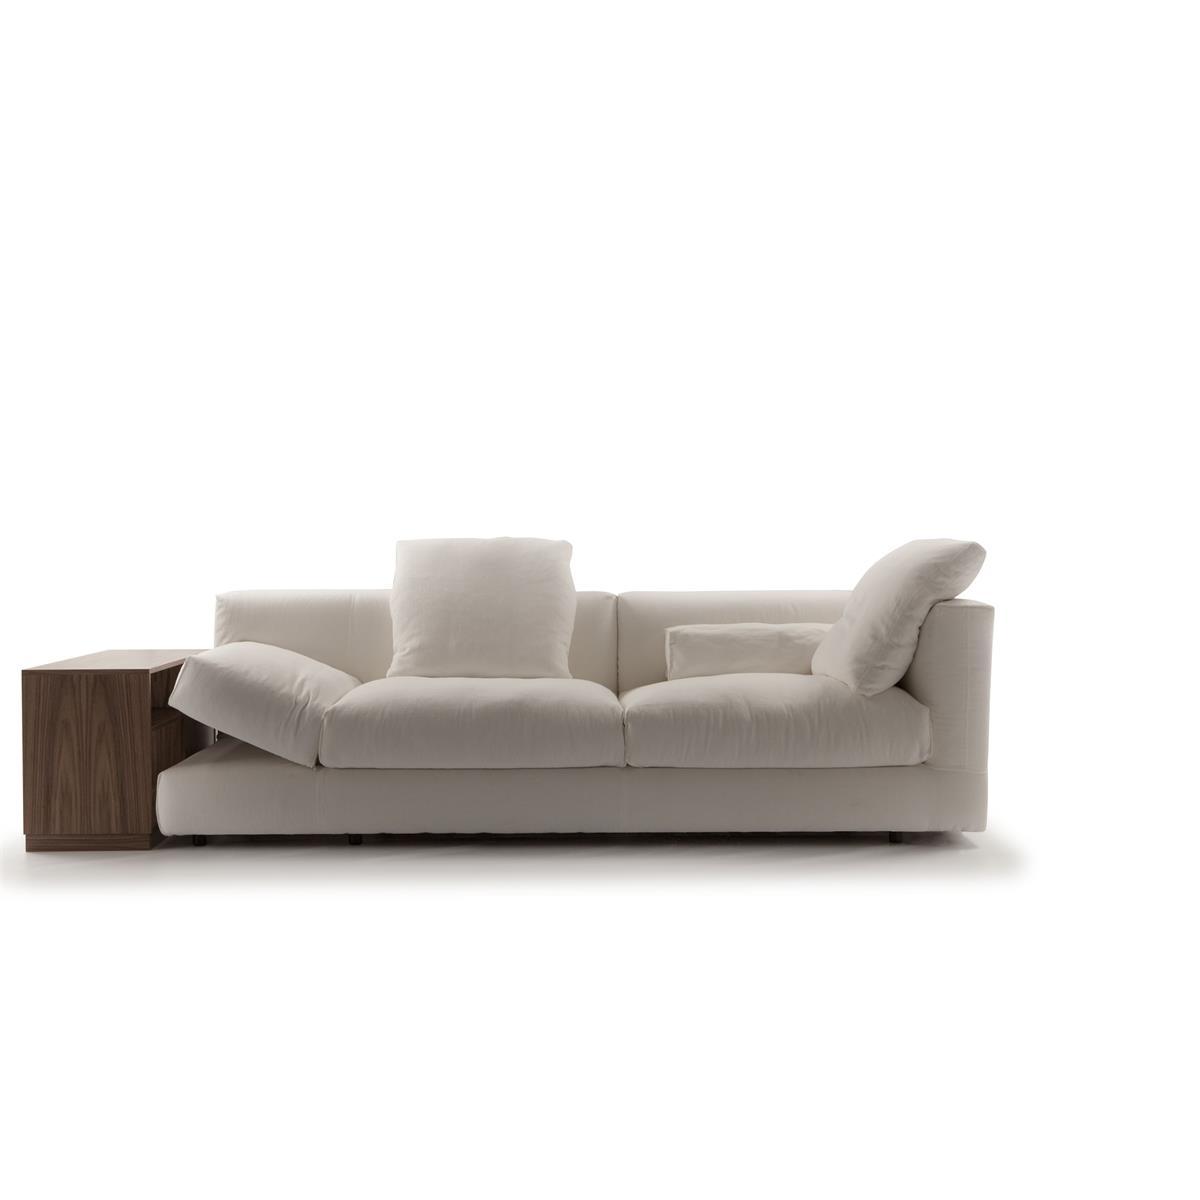 Evo sofa 03 - на 360.ru: цены, описание, характеристики, где купить в Москве.